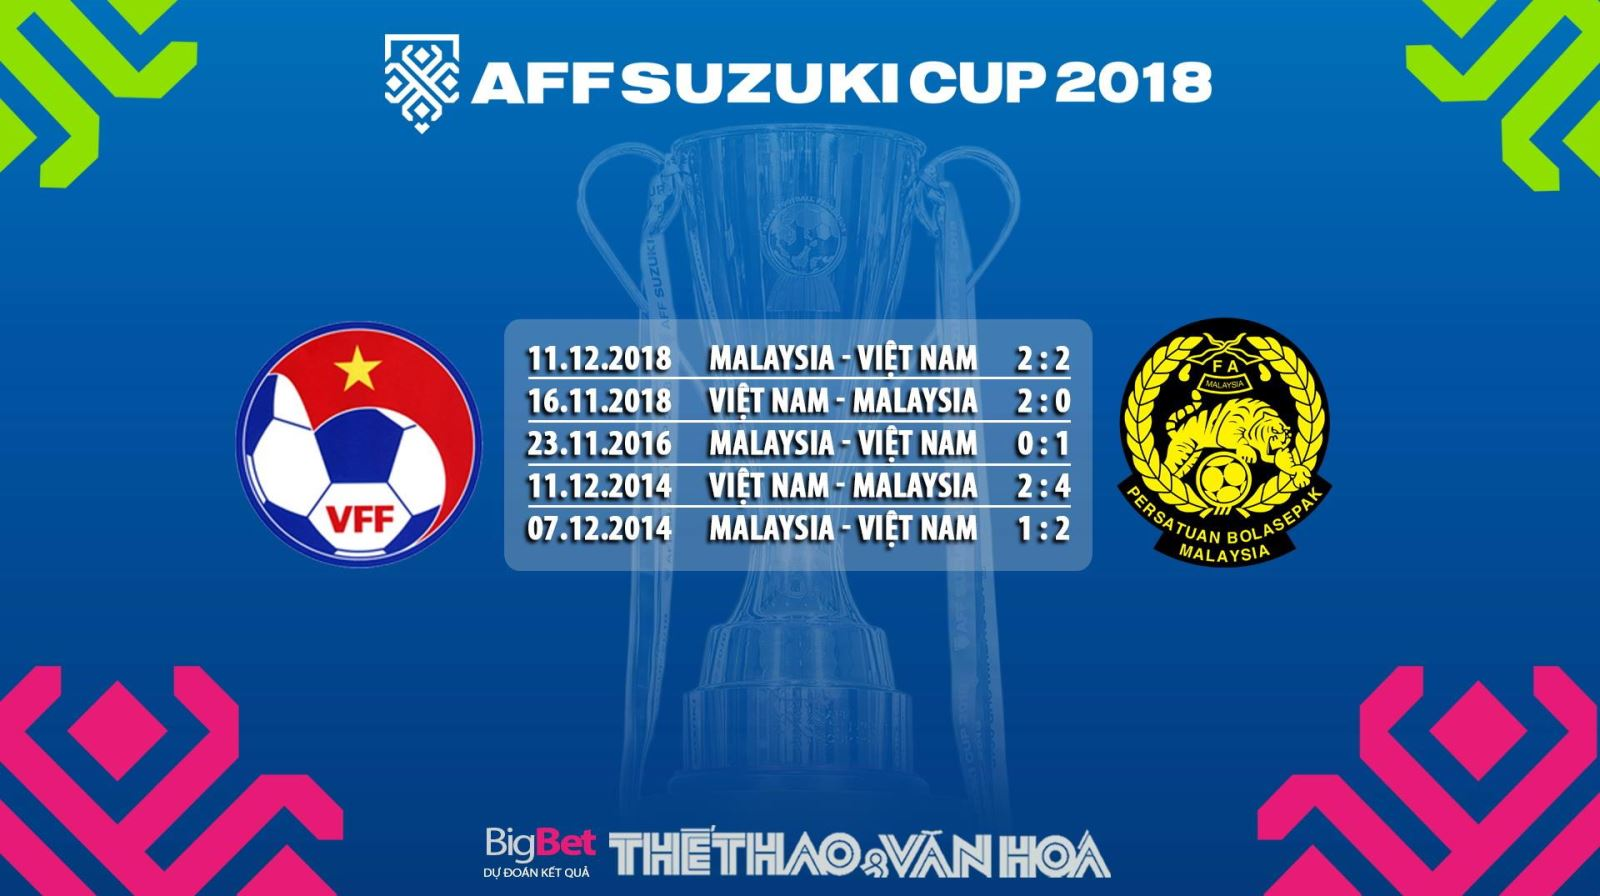 Kèo VIỆT NAM vs Malaysia, soi kèo VIỆT NAM vs Malaysia, nhận định VIỆT NAM vs Malaysia, dự đoán bóng đá VIỆT NAM vs Malaysia, kèo Malaysia vs VIỆT NAM, soi kèo Malaysia vs VIỆT NAM, nhận định Malaysia vs VIỆT NAM, dự đoán bóng đá Malaysia vs VIỆT NAM.